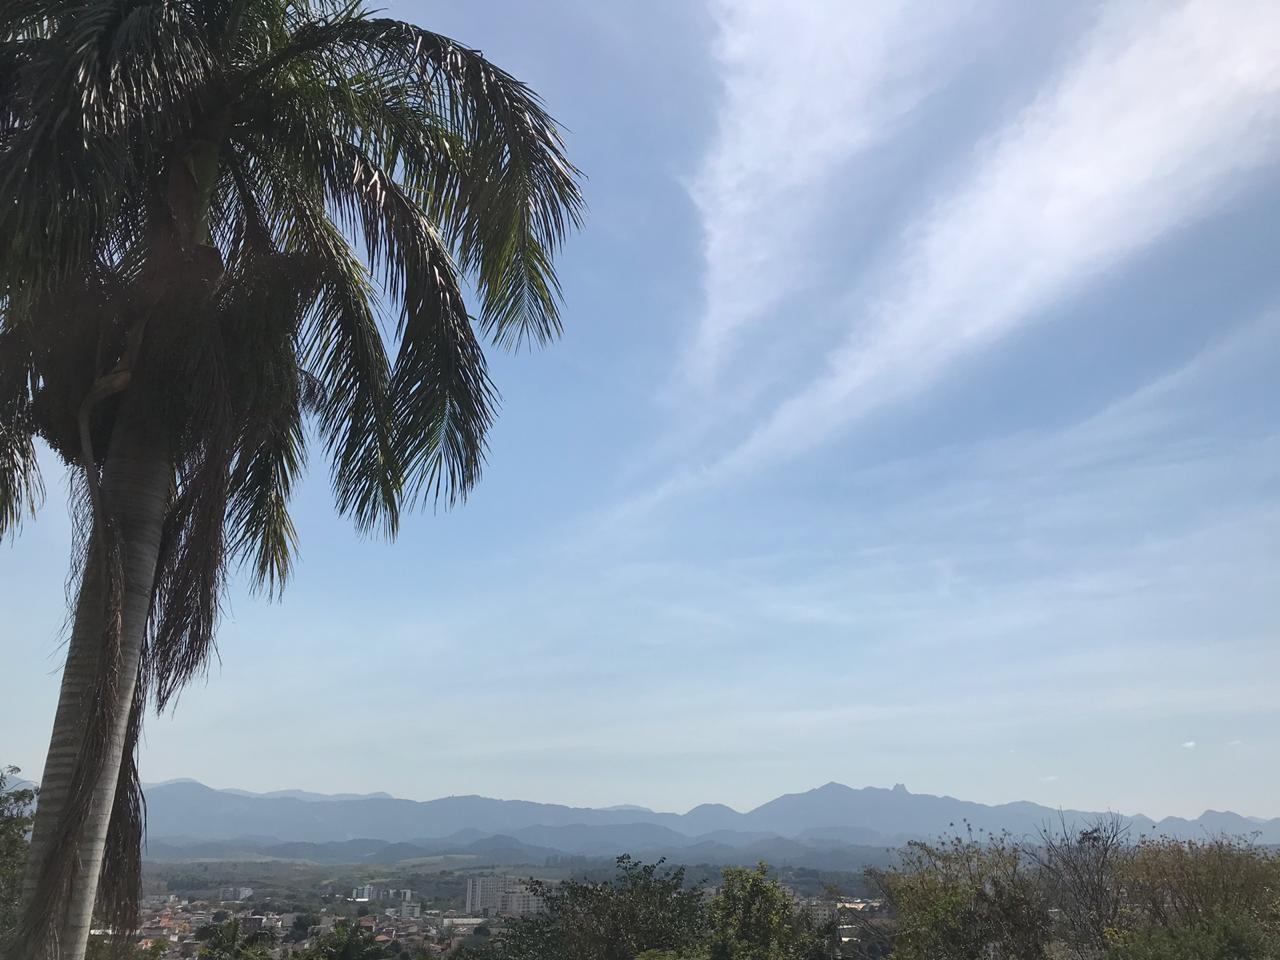 Mudança no tempo traz chuva durante a semana no Sul do Rio - Notícias - Plantão Diário